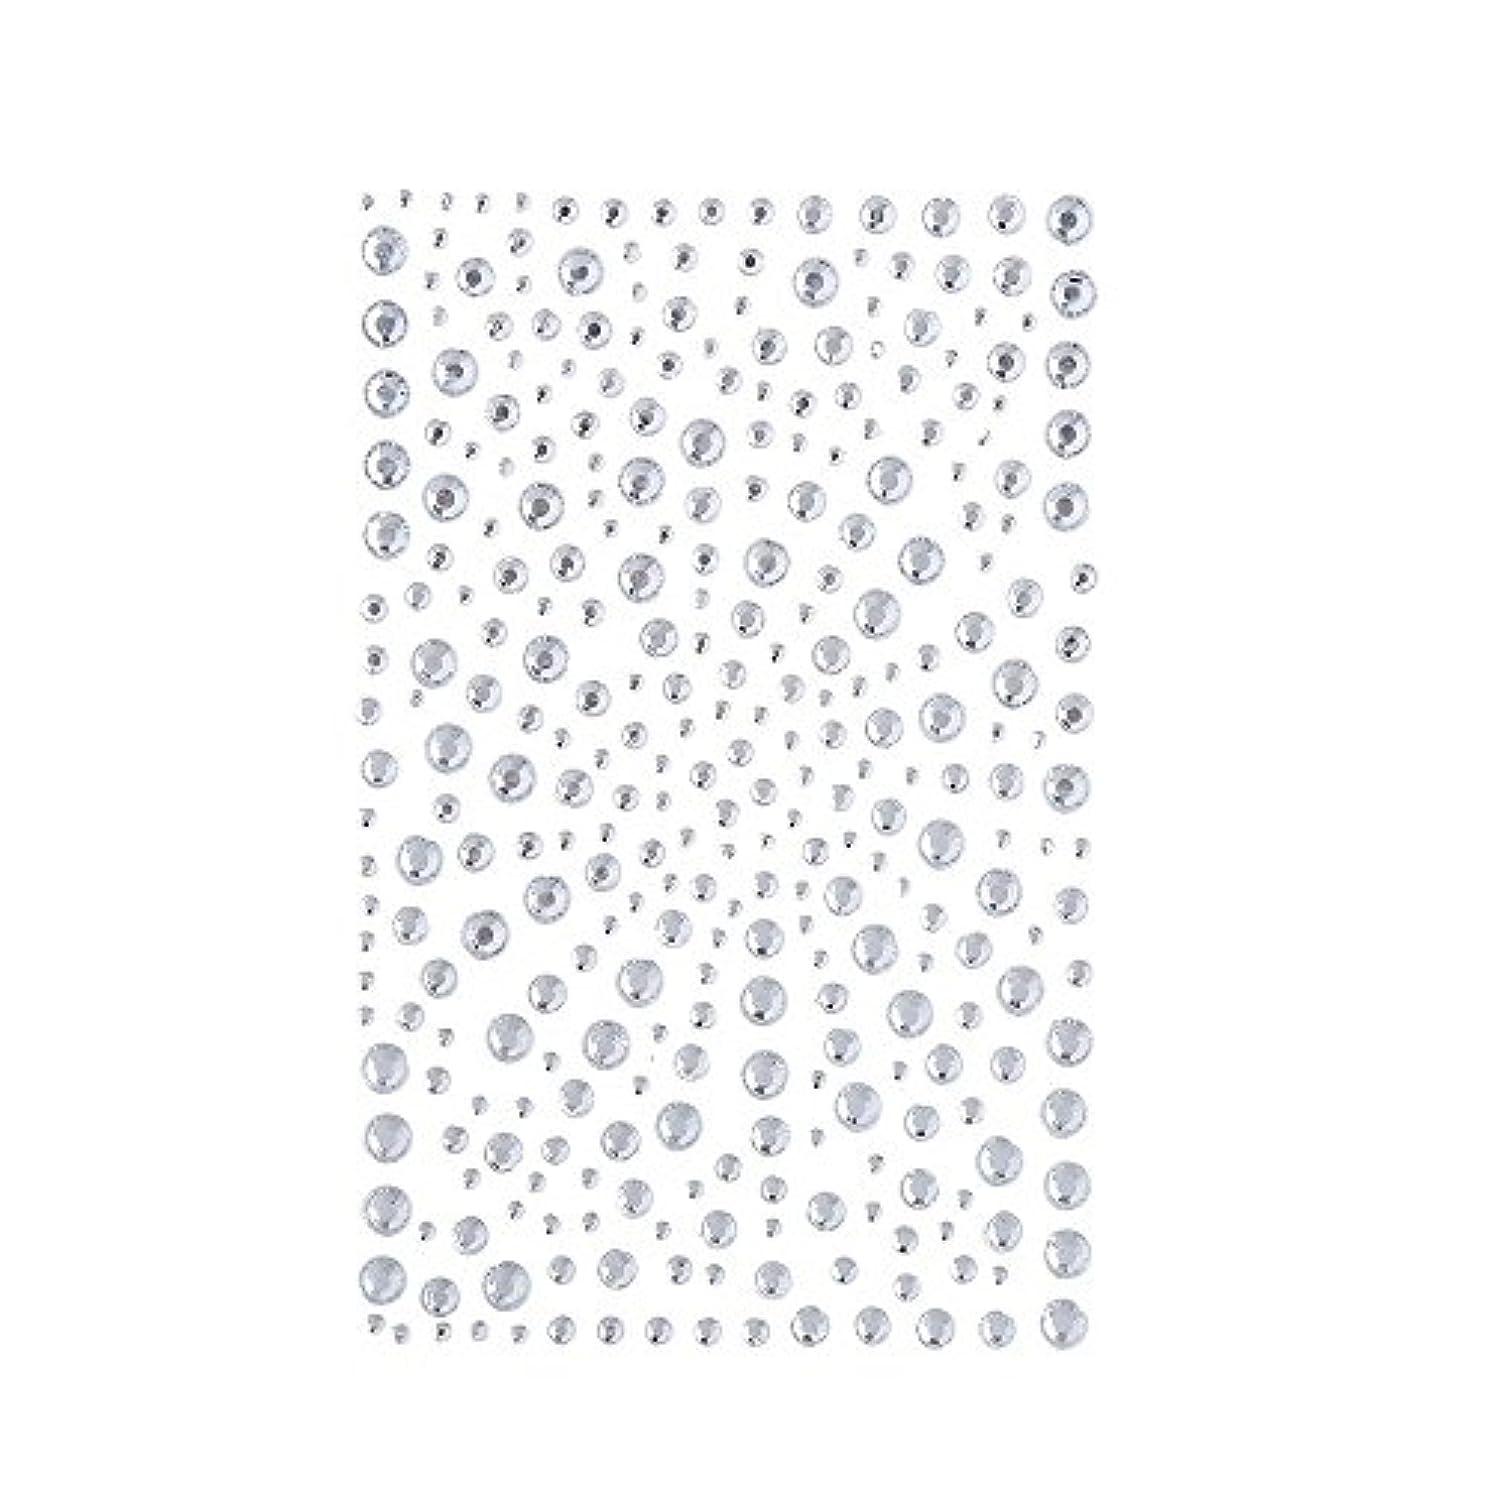 安全でないブラケット同じラインストーン 人工ダイヤモンド スワロフスキー ホットフィックス 325粒 (白)